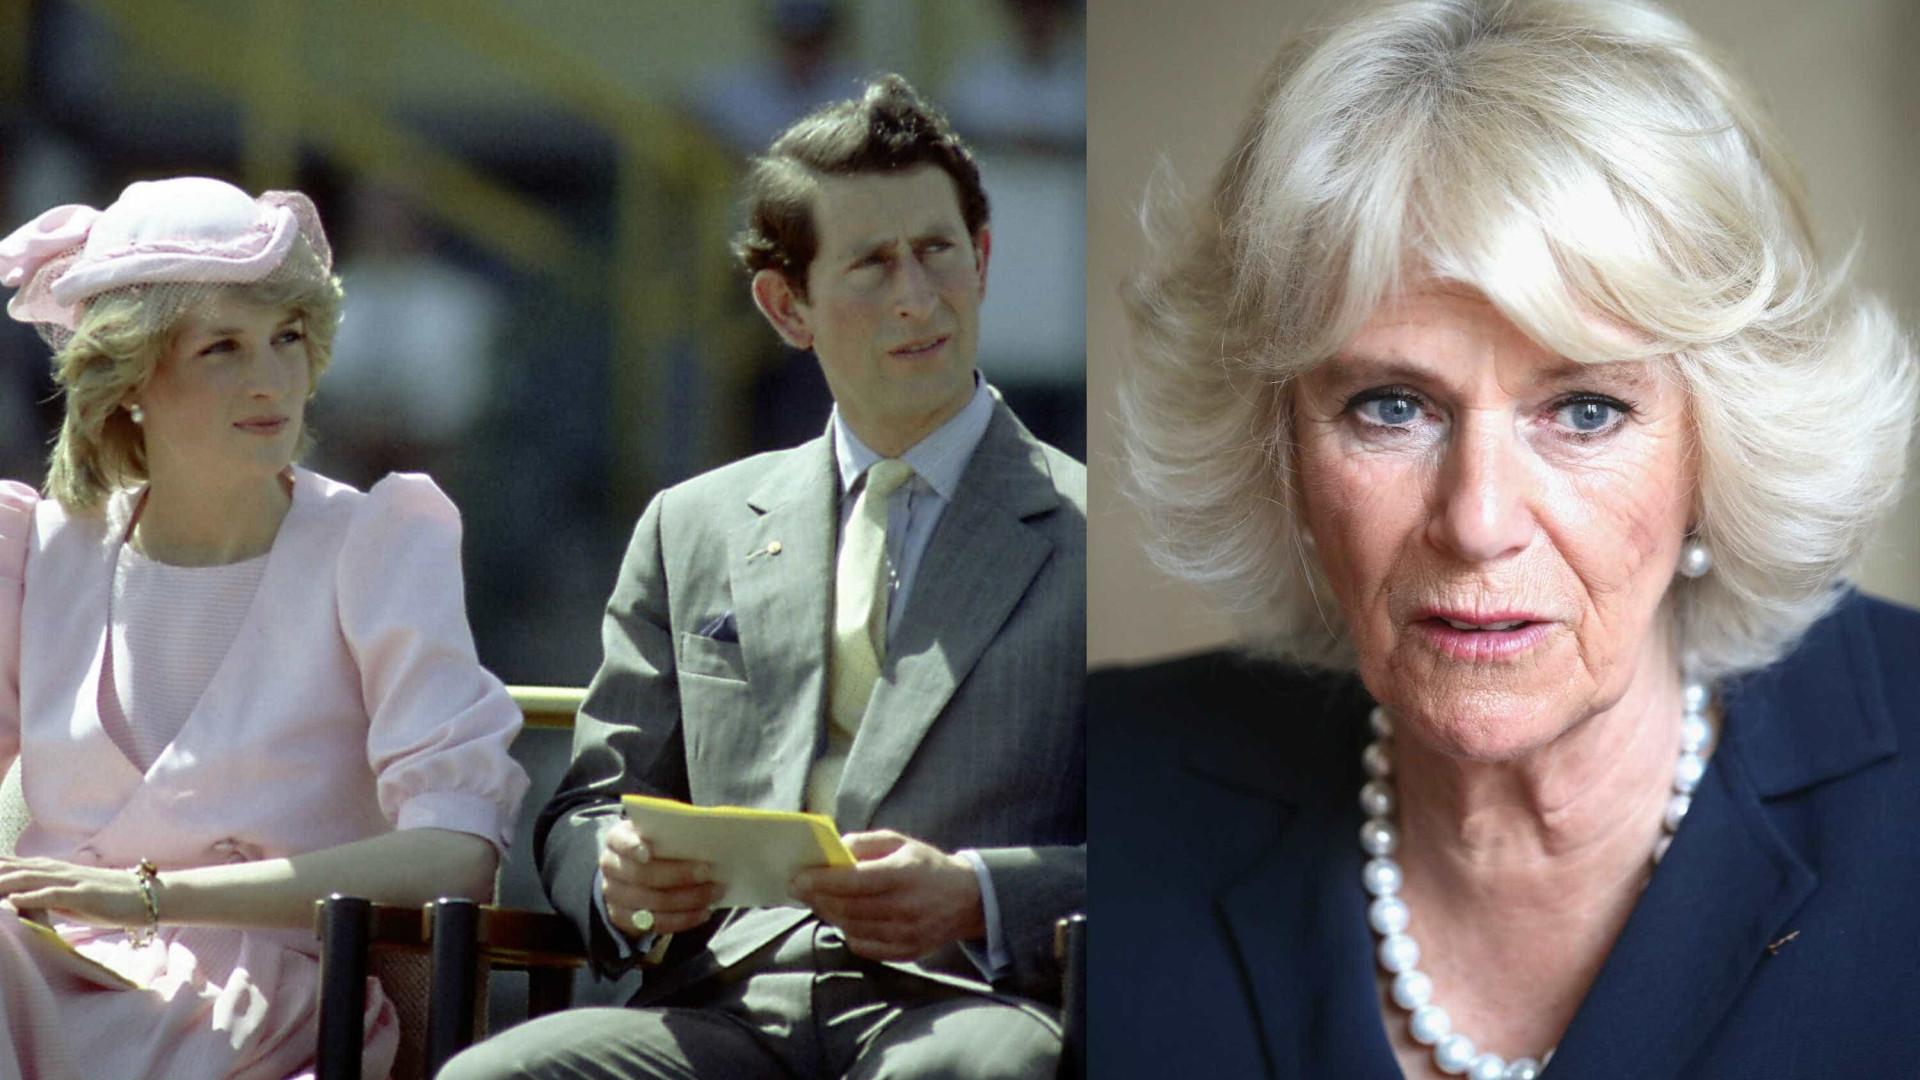 Eis o momento em que Diana confrontou Camilla com traição